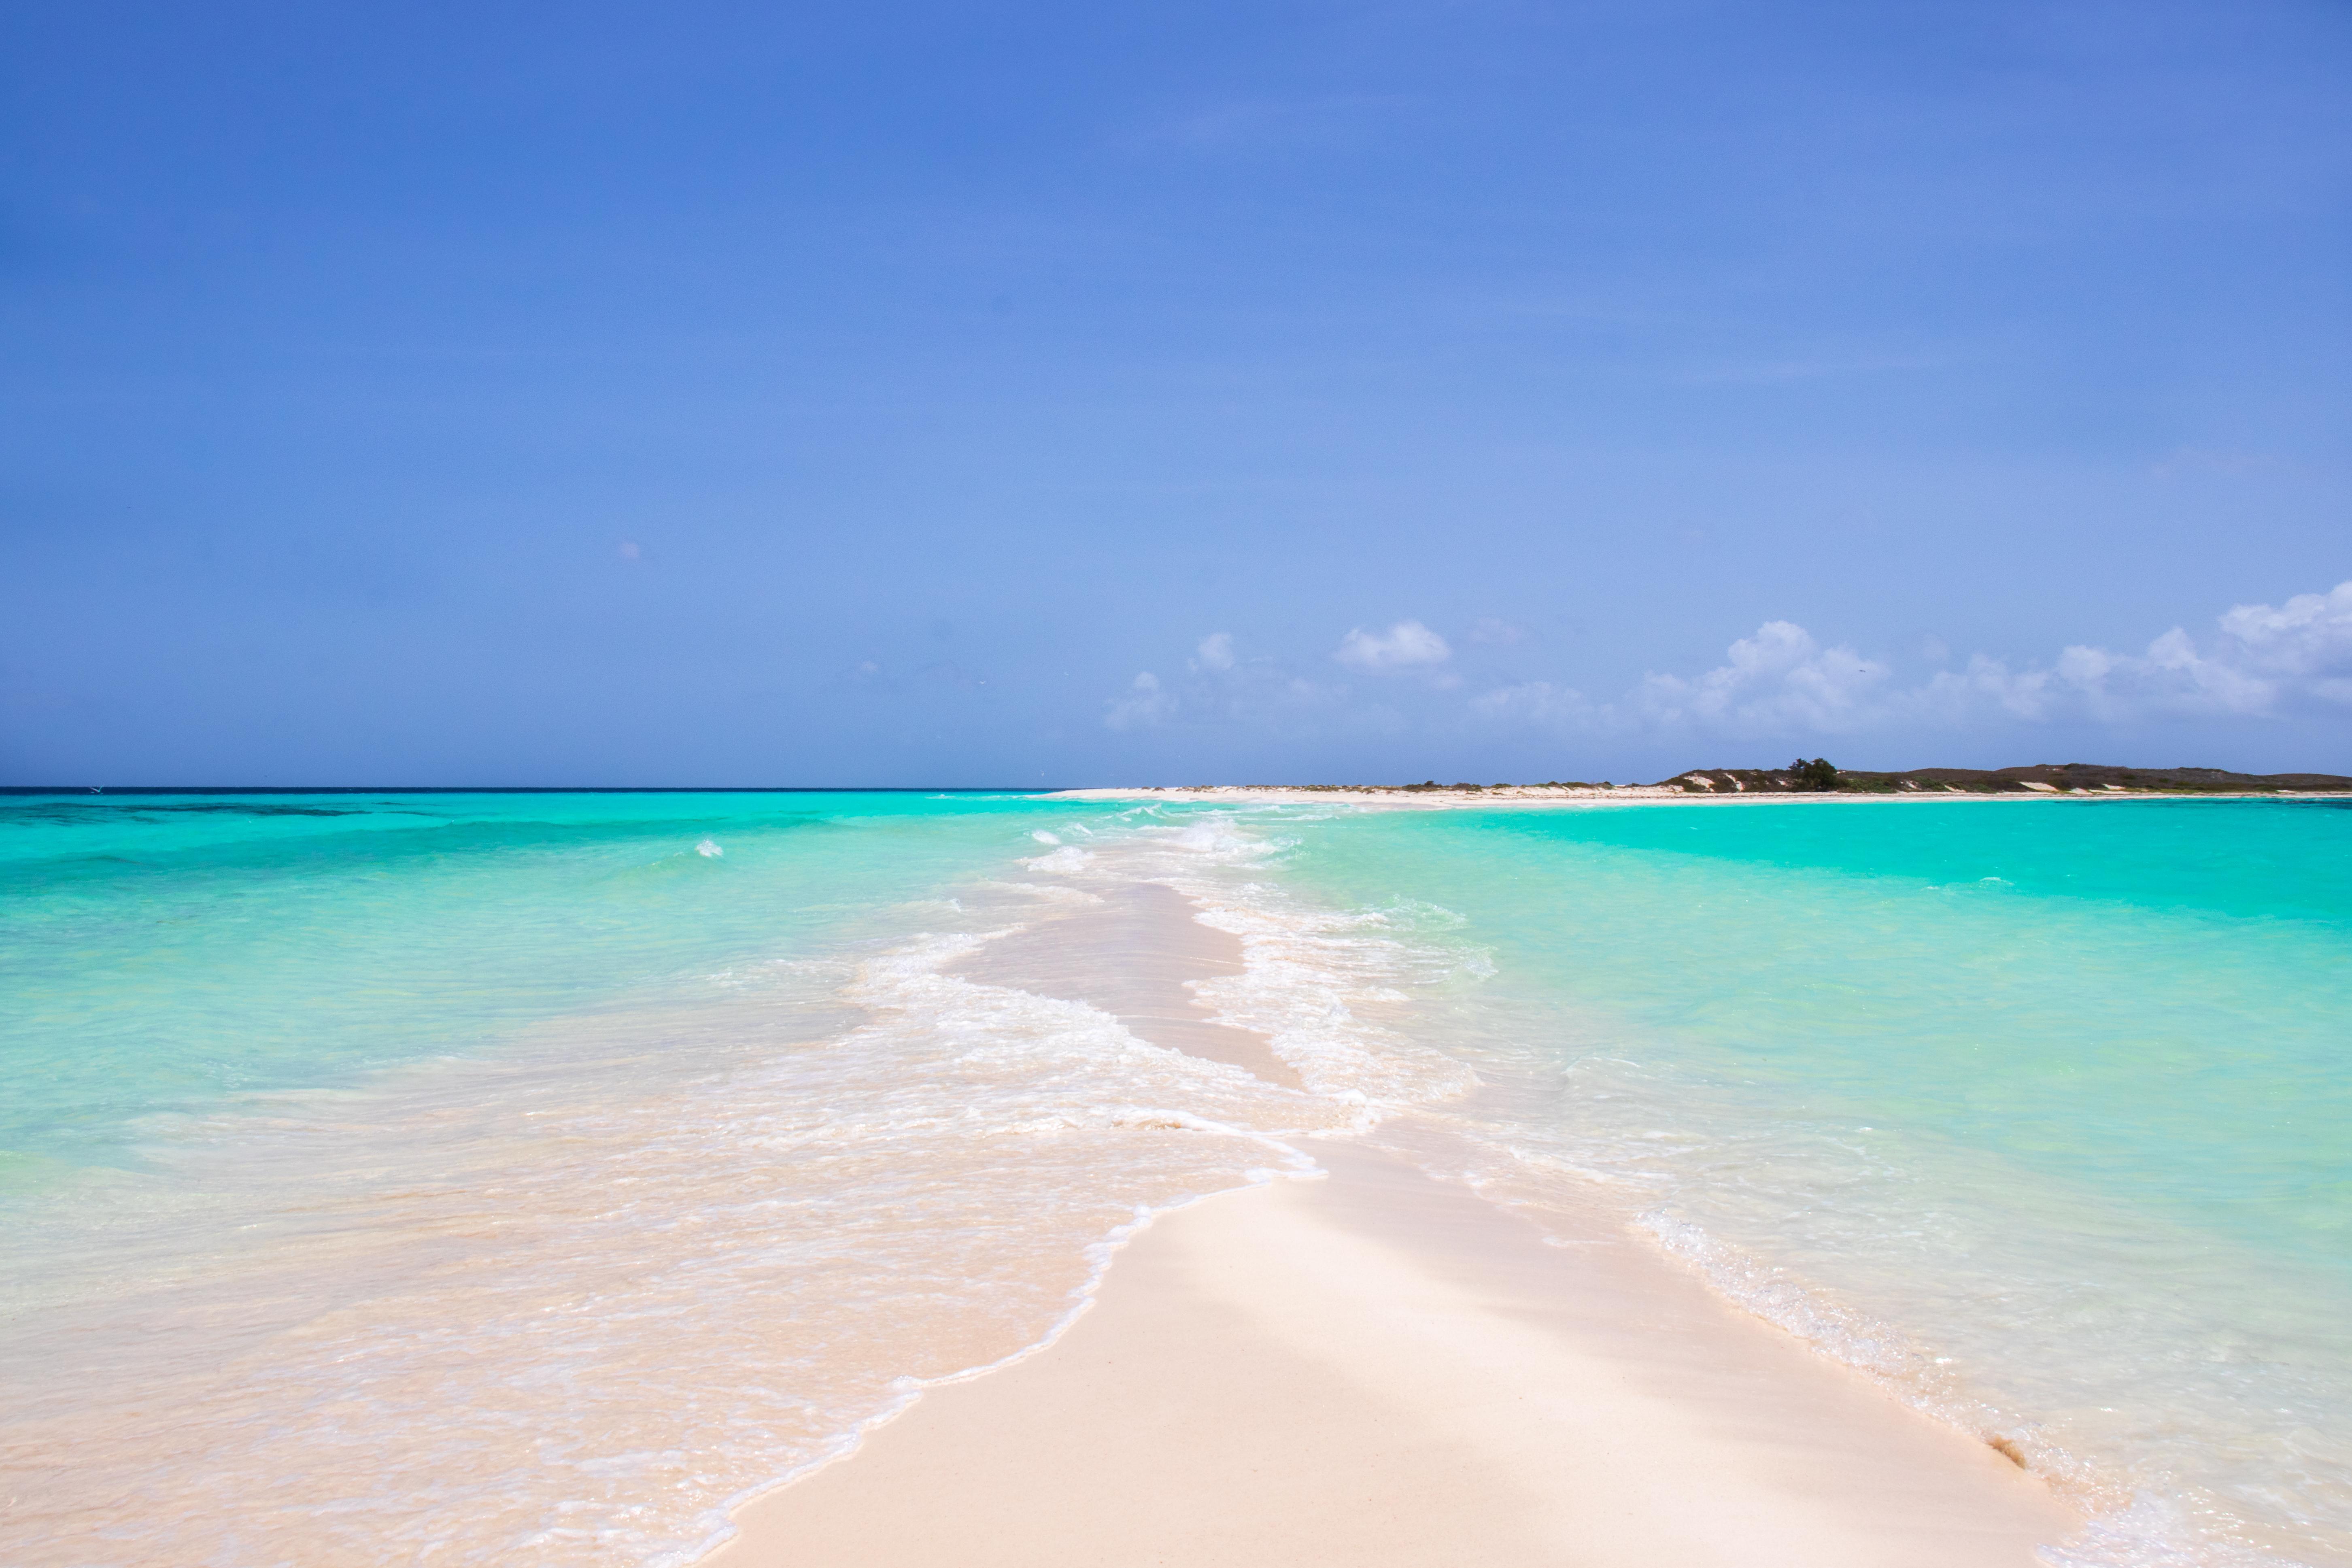 En Venezuela la tranquilidad se encuentra en el archipiélago de Los Roques: remoto, tranquilo y sereno con mares azules hasta donde alcanza la vista. Los Roques contiene 350 islas e islotes que cubren más de 40 kilómetros cuadrados de arenas doradas bañadas por el sol y aguas azules y frías. El viento y el clima de la zona lo convierten en el oasis tropical oportuno para el windsurf y los deportes acuáticos